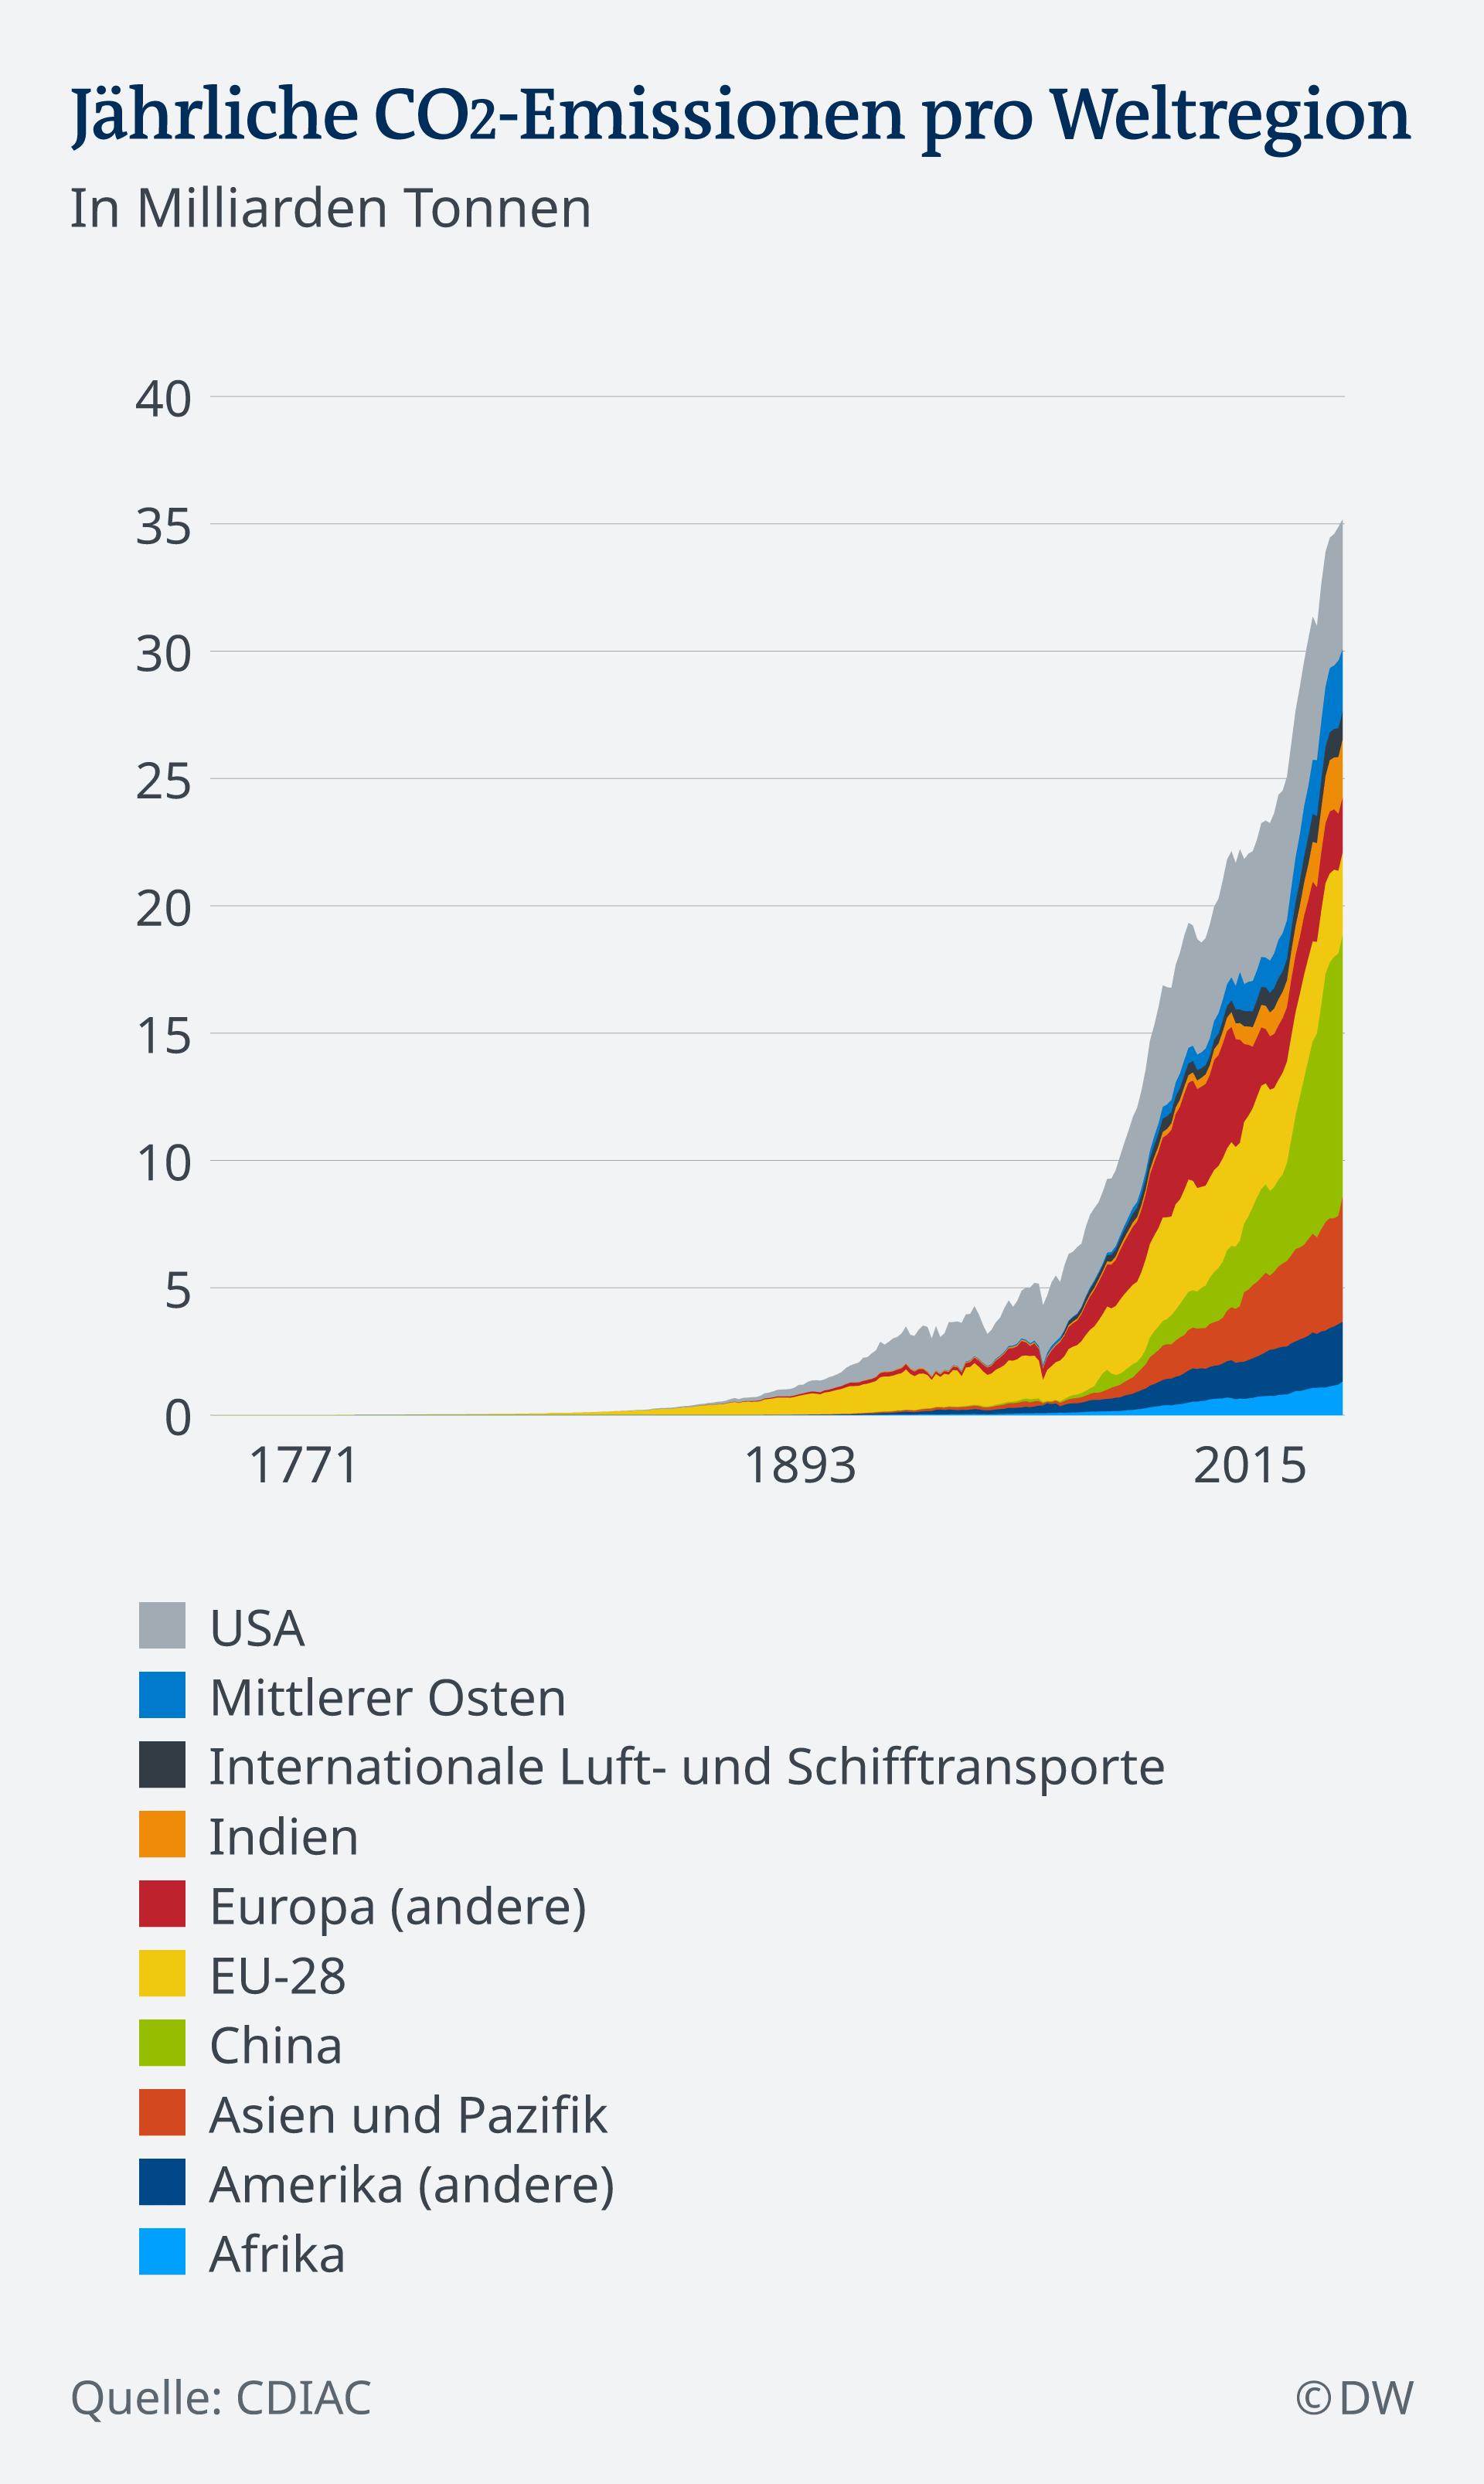 Količine emisije ugljen-dioksida koje godišnje emituju pojedini regioni ili zemlje (u milijardama tona)